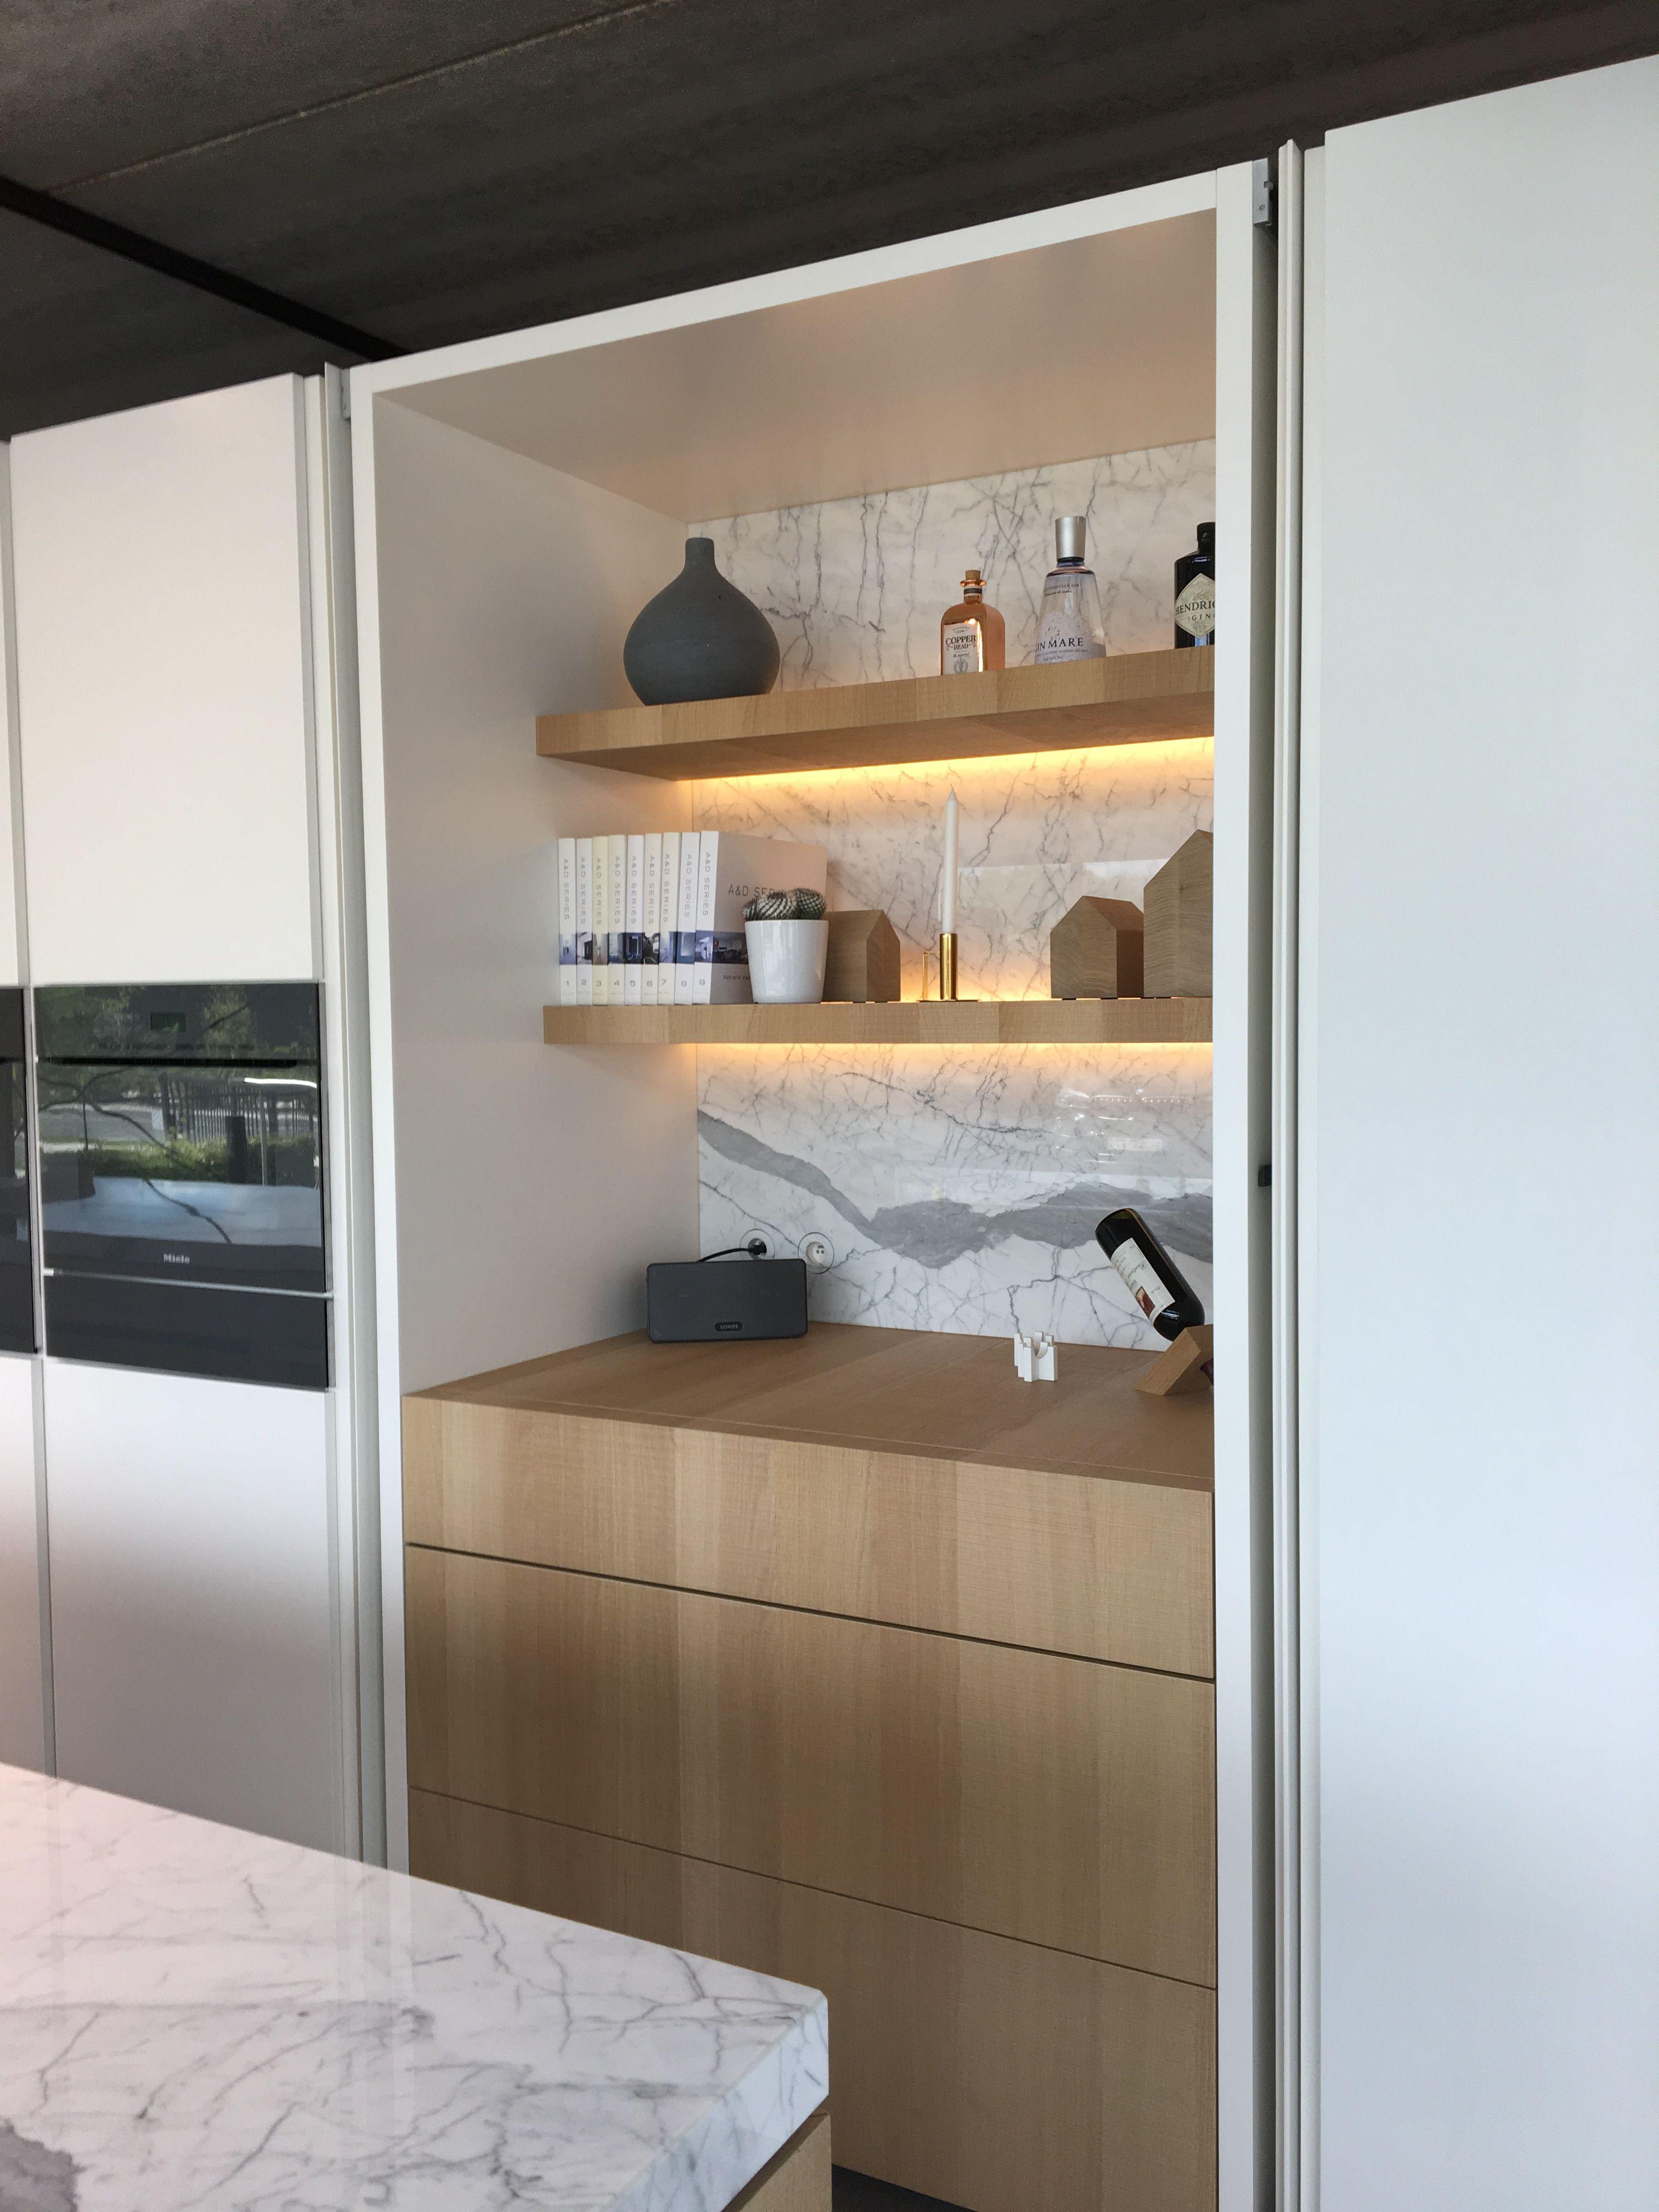 mooie nis woonkamer planken mooie keukens keuken interieur toonzaal thuis keukens